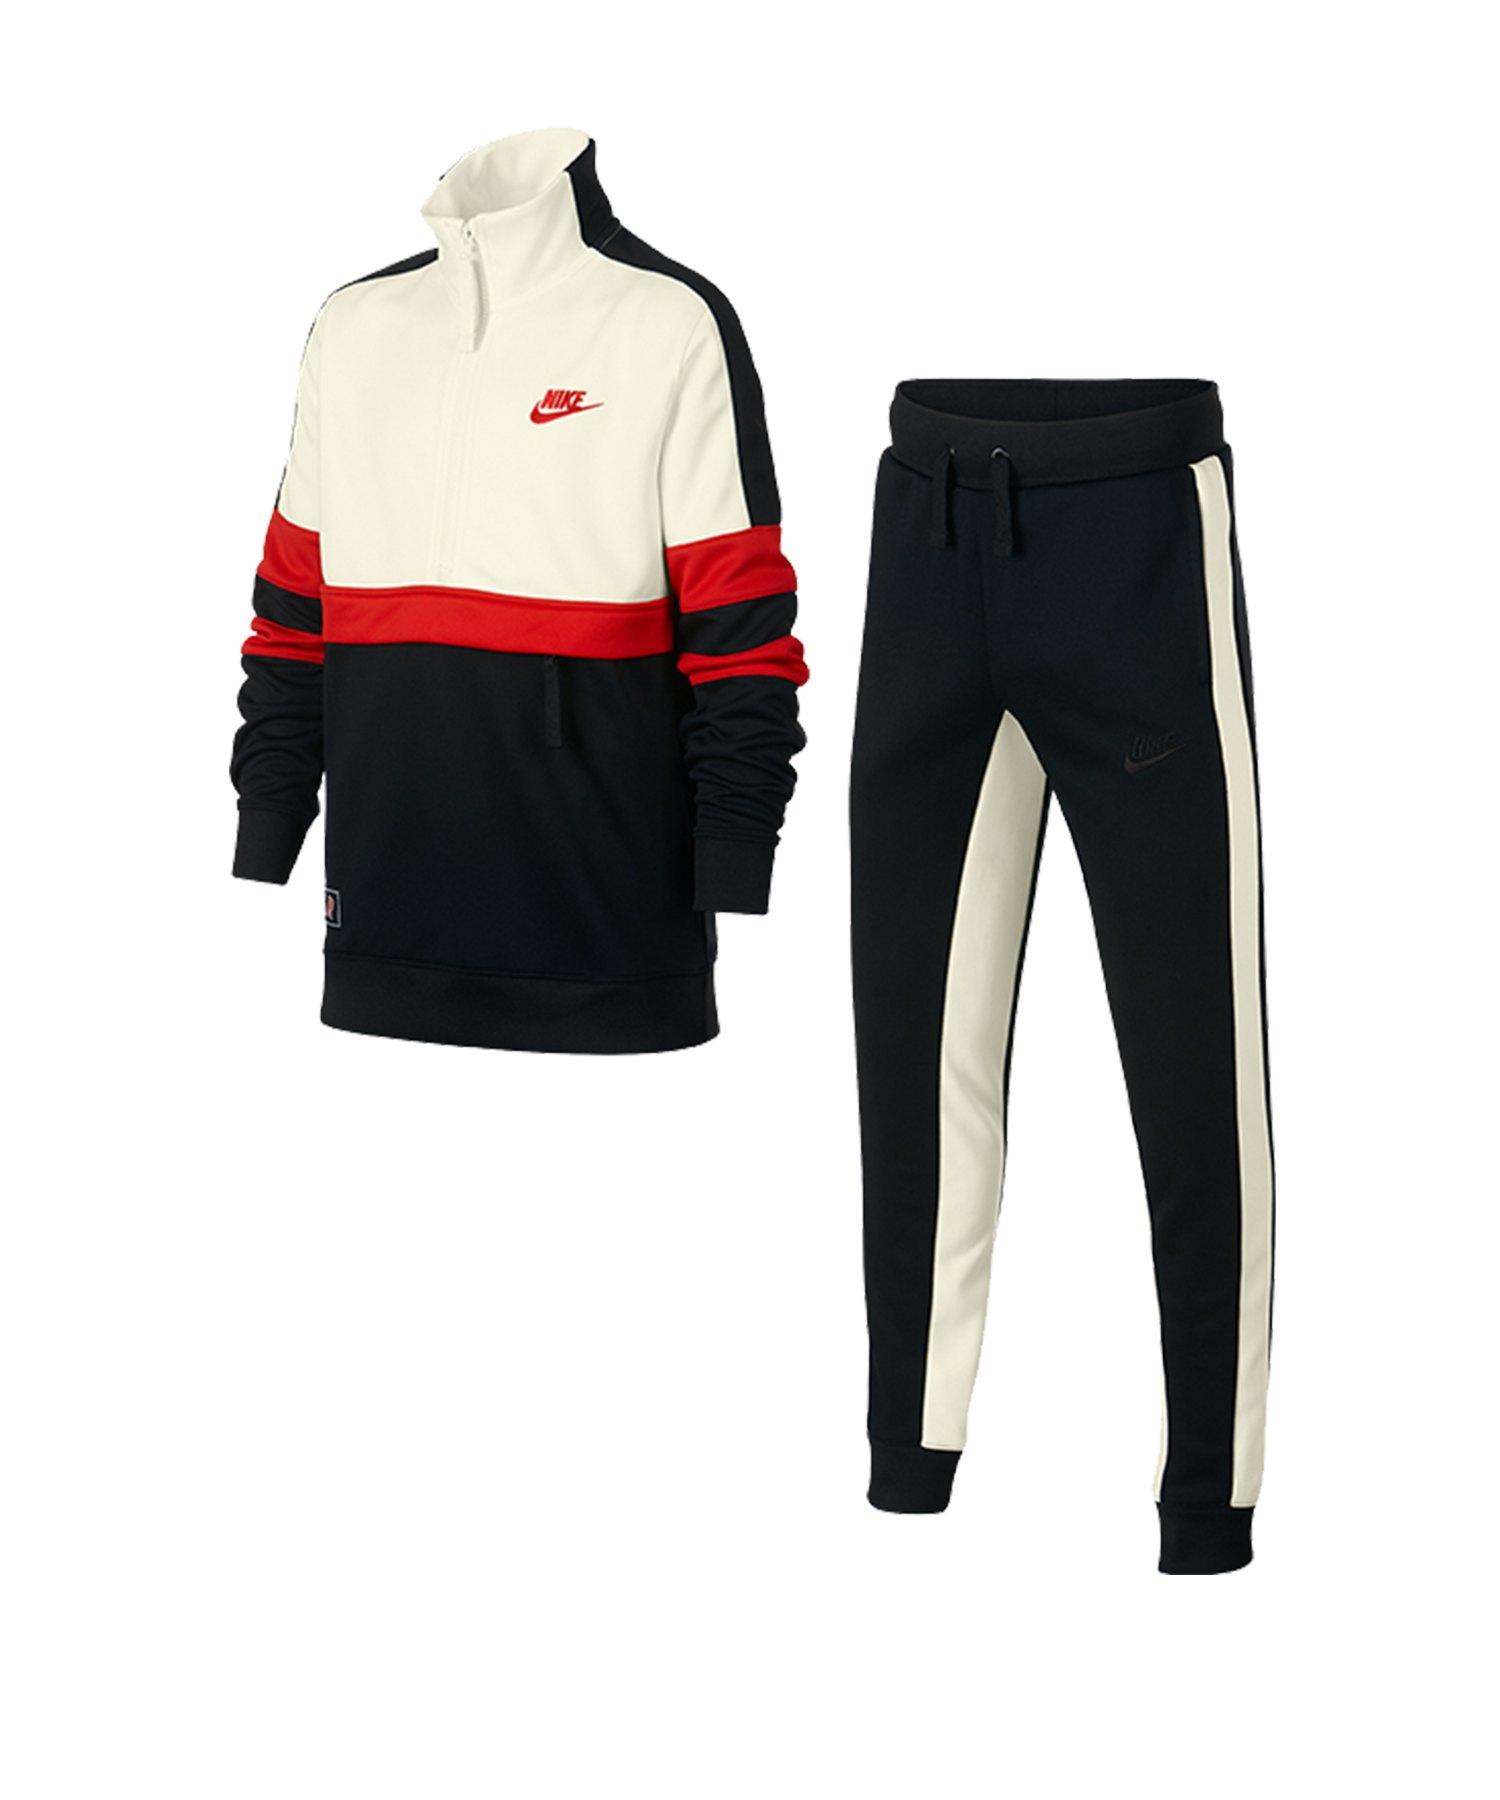 Nike Air Track Suit Anzug Kids Schwarz F011